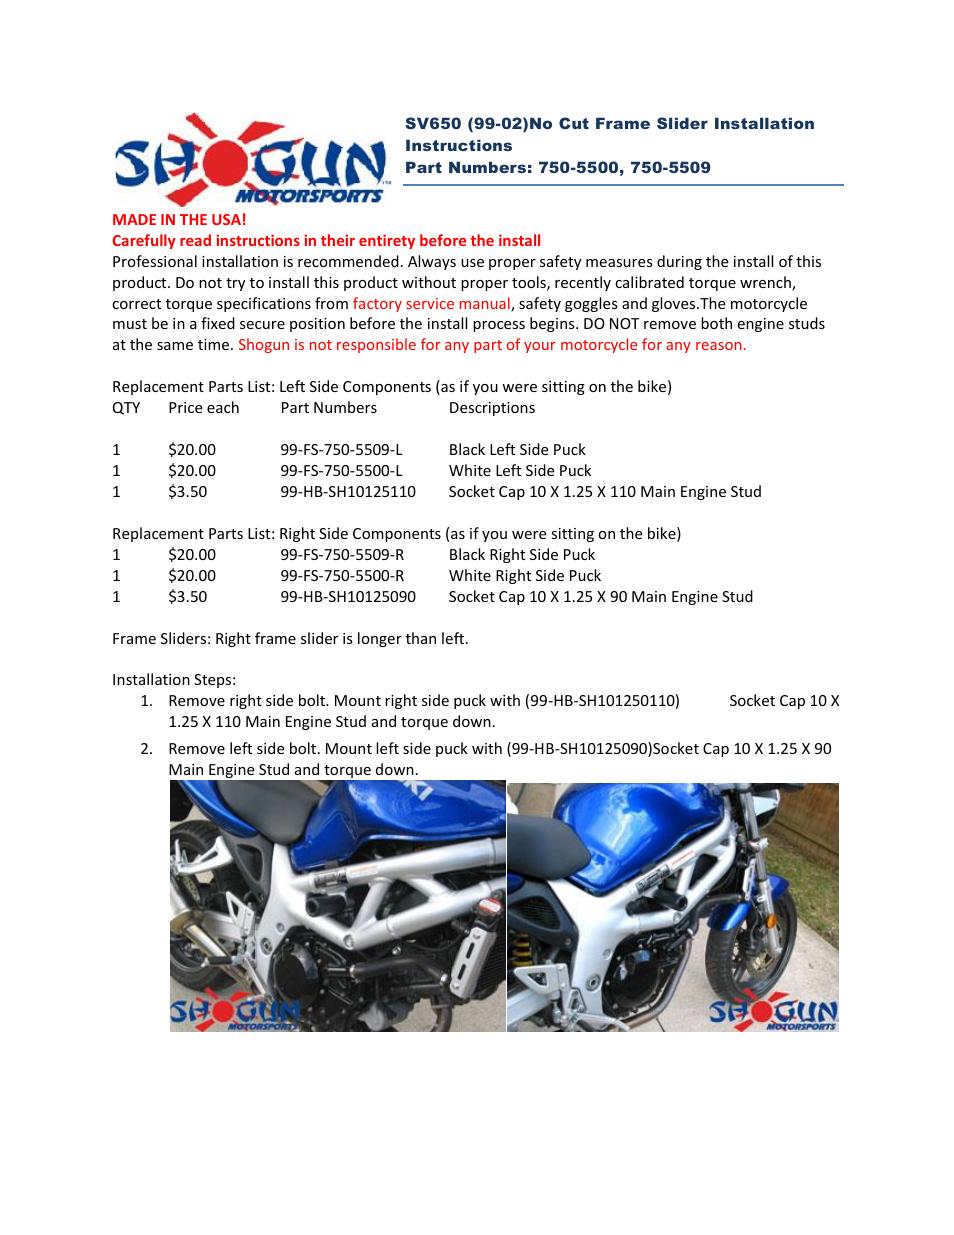 Shogun Motorsports Suzuki SV650 (99-02) NO CUT Frame Slider User ...